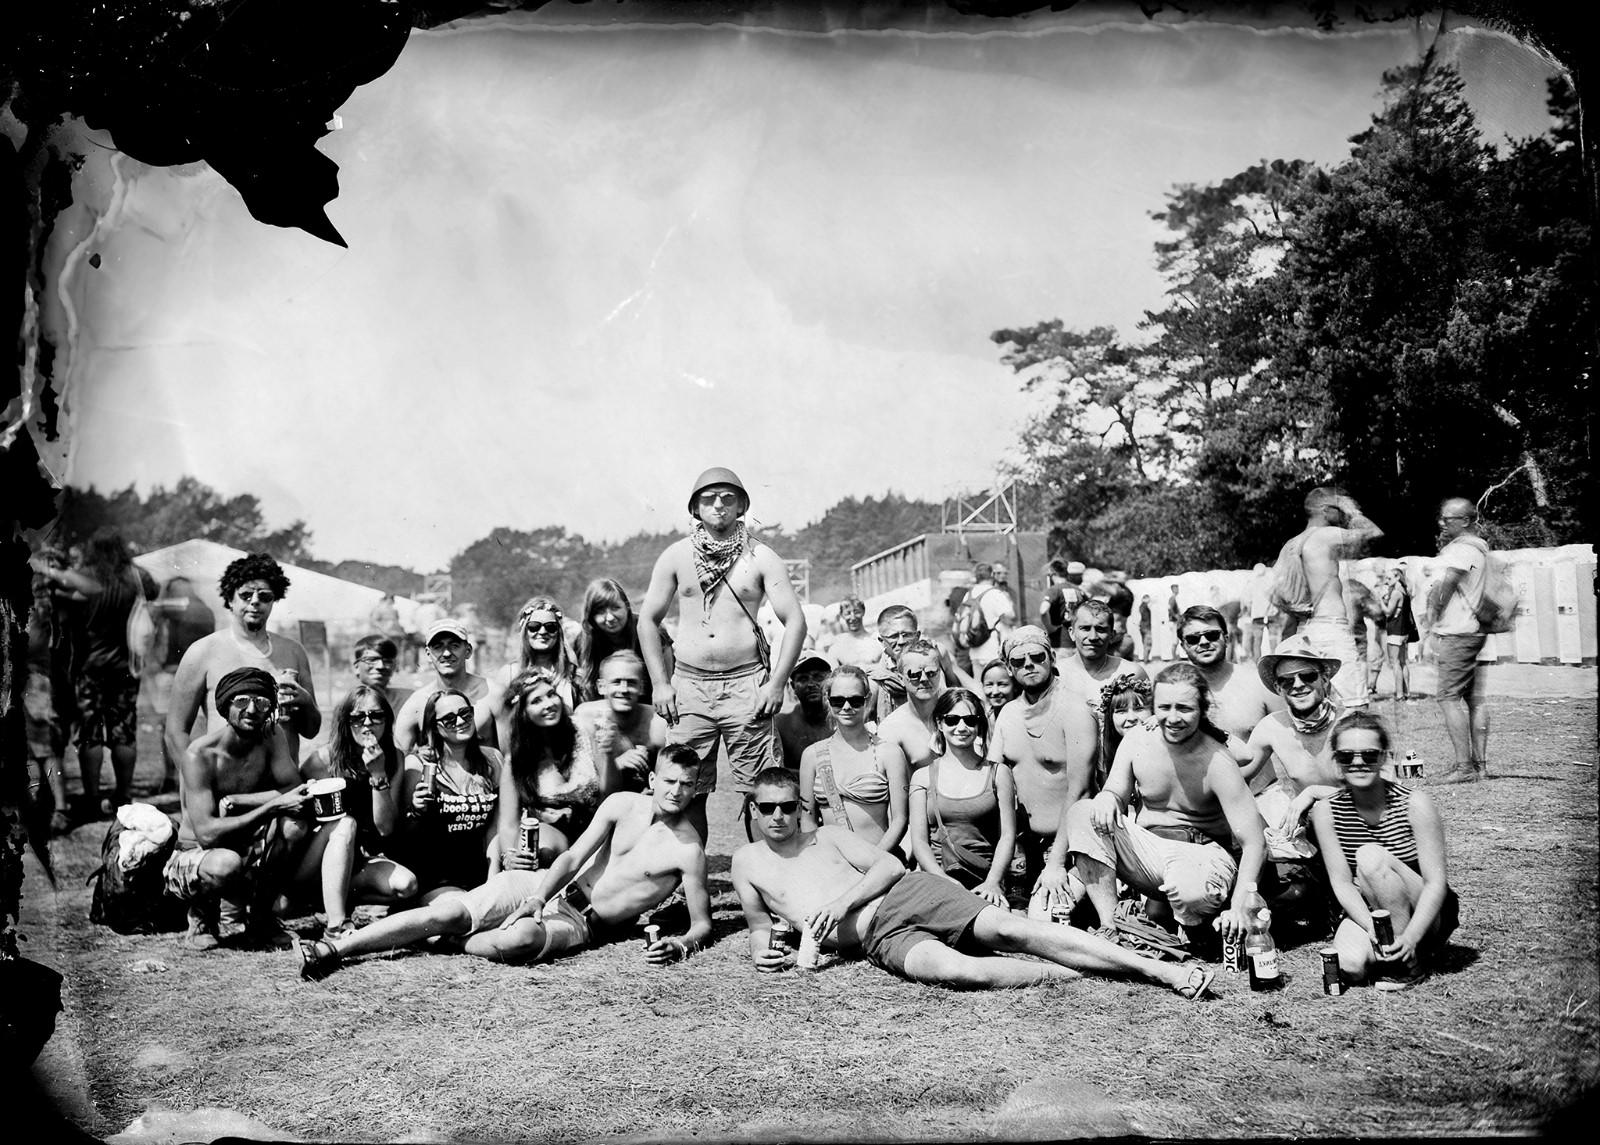 Przystanek Woodstock 2015 - Mokry Kolodion - Street Collodion Art (19)